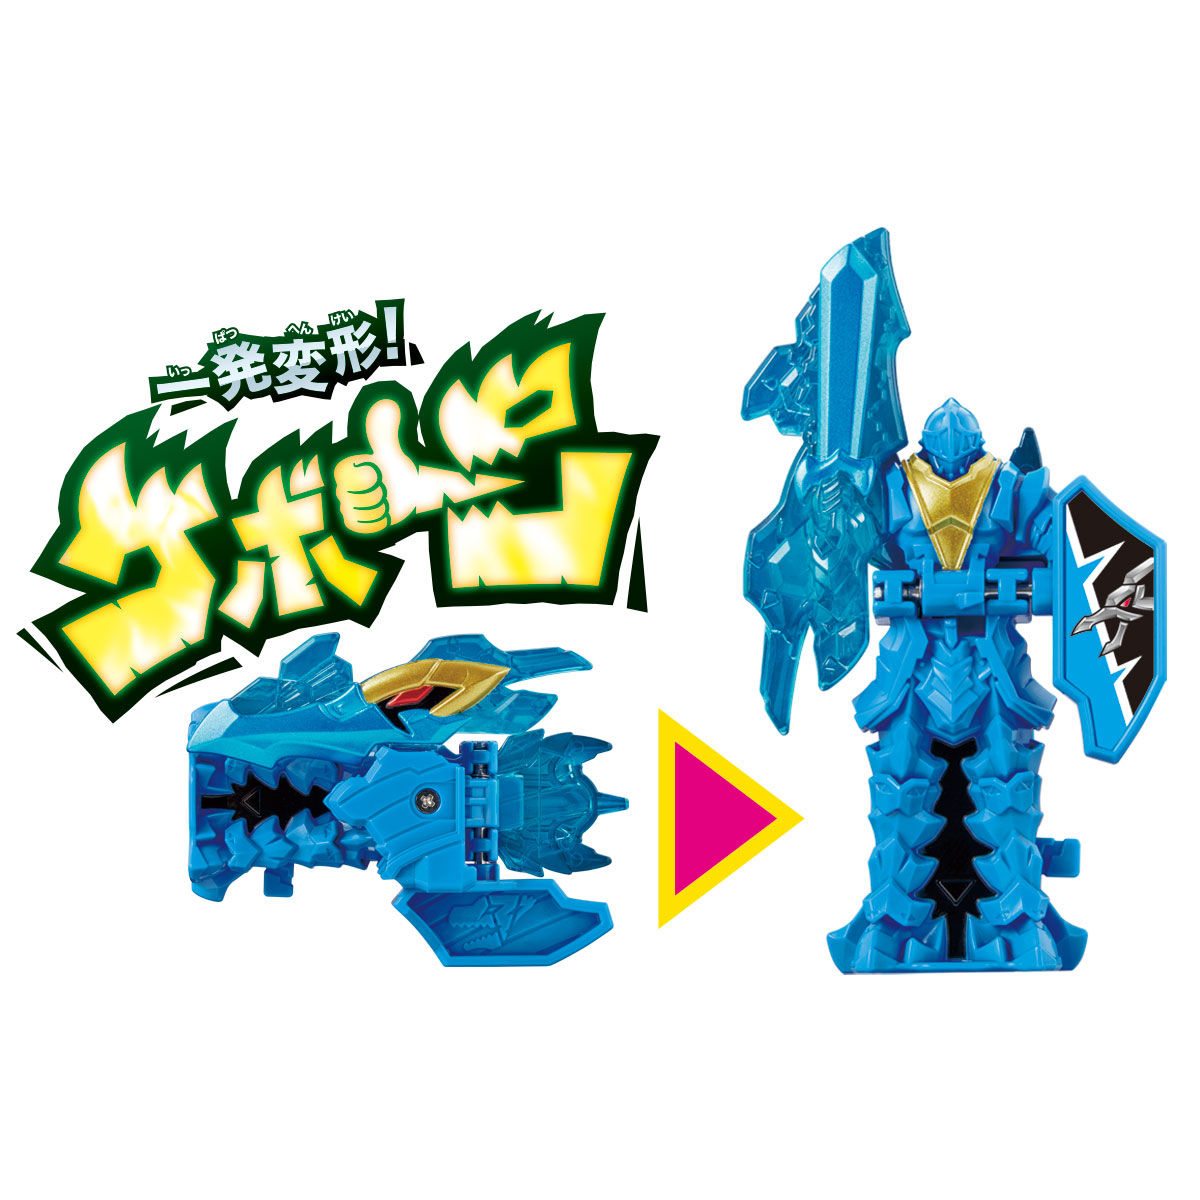 騎士竜戦隊リュウソウジャー『騎士竜シリーズ11 竜装変形 DXヨクリュウオー』可変可動フィギュア-007